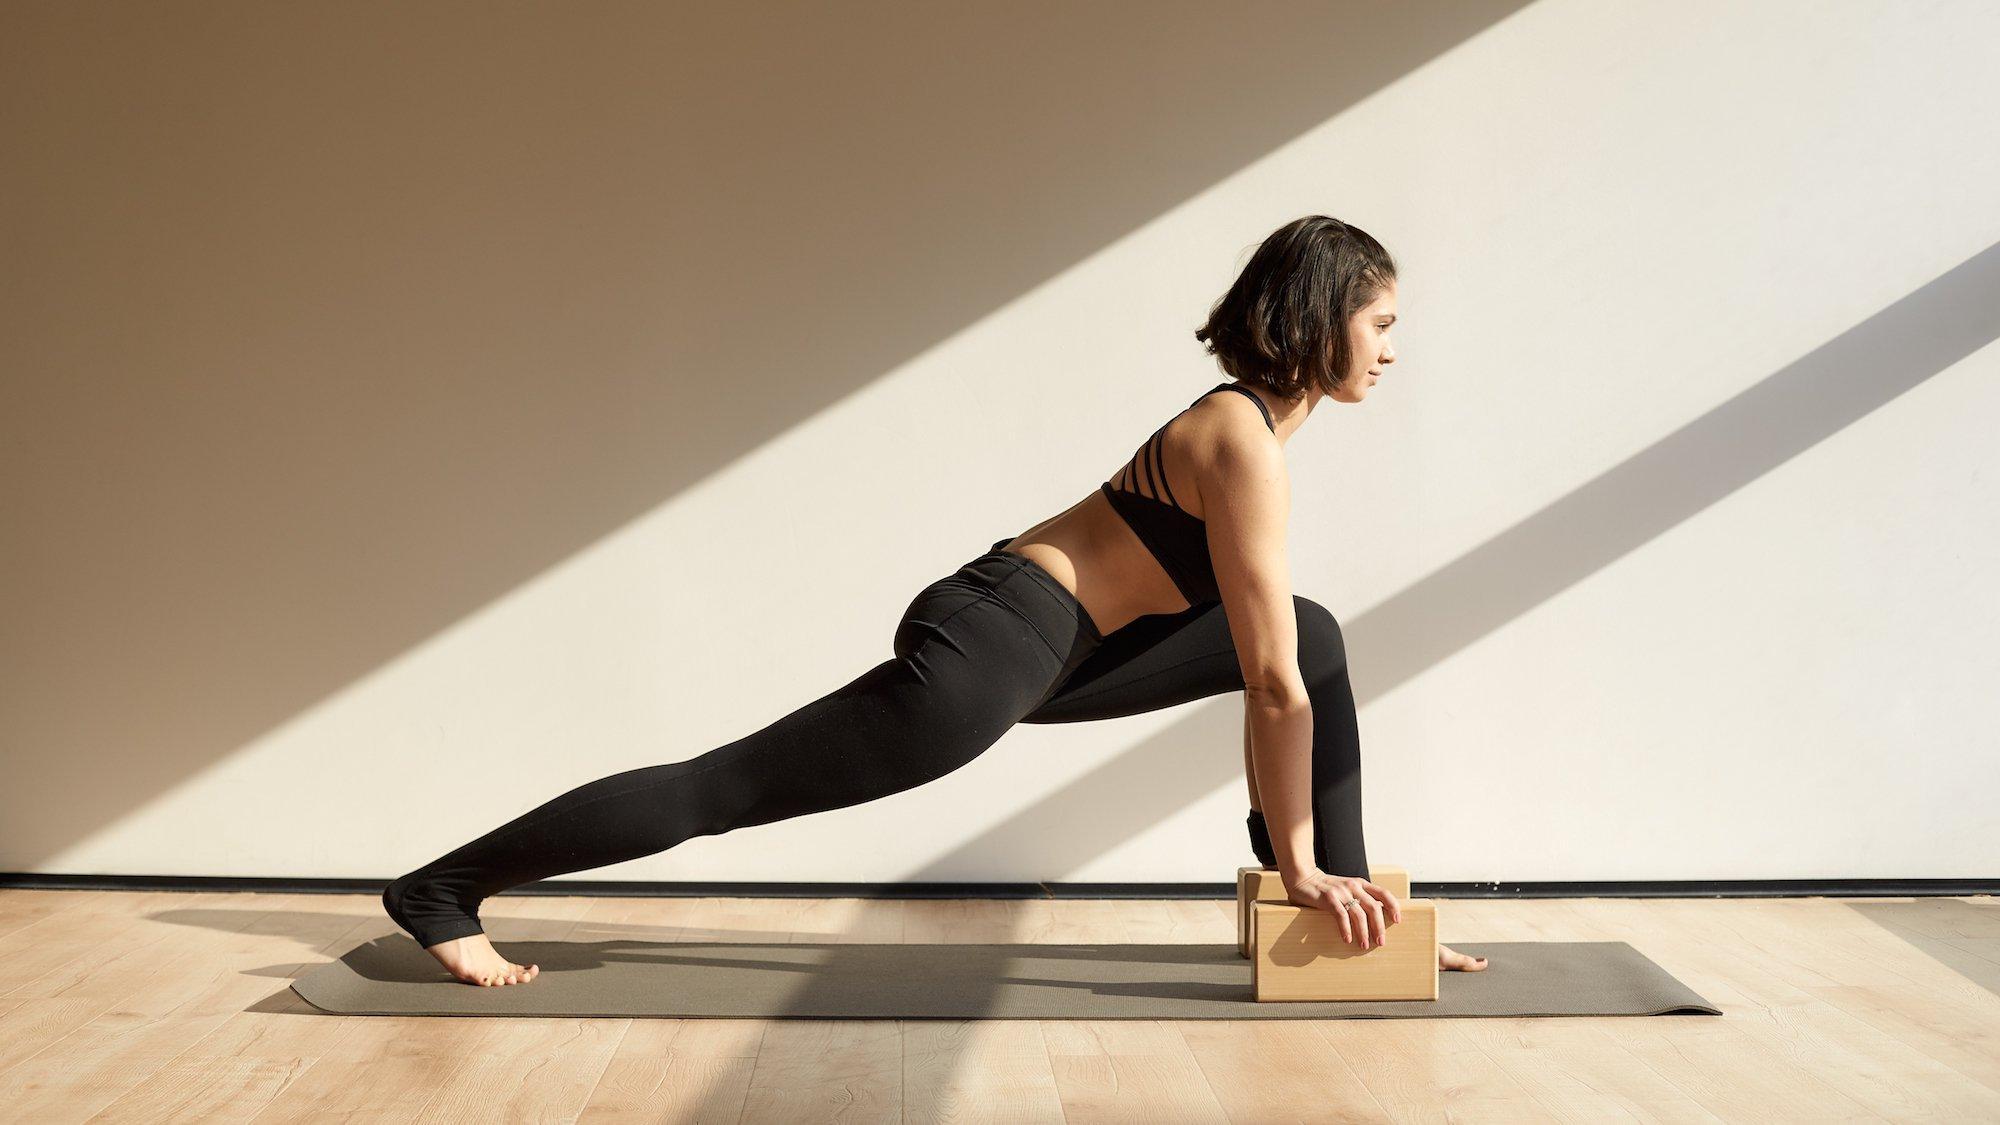 Вечерняя практика йоги перед сном для начинающих: комплексы, упражнения